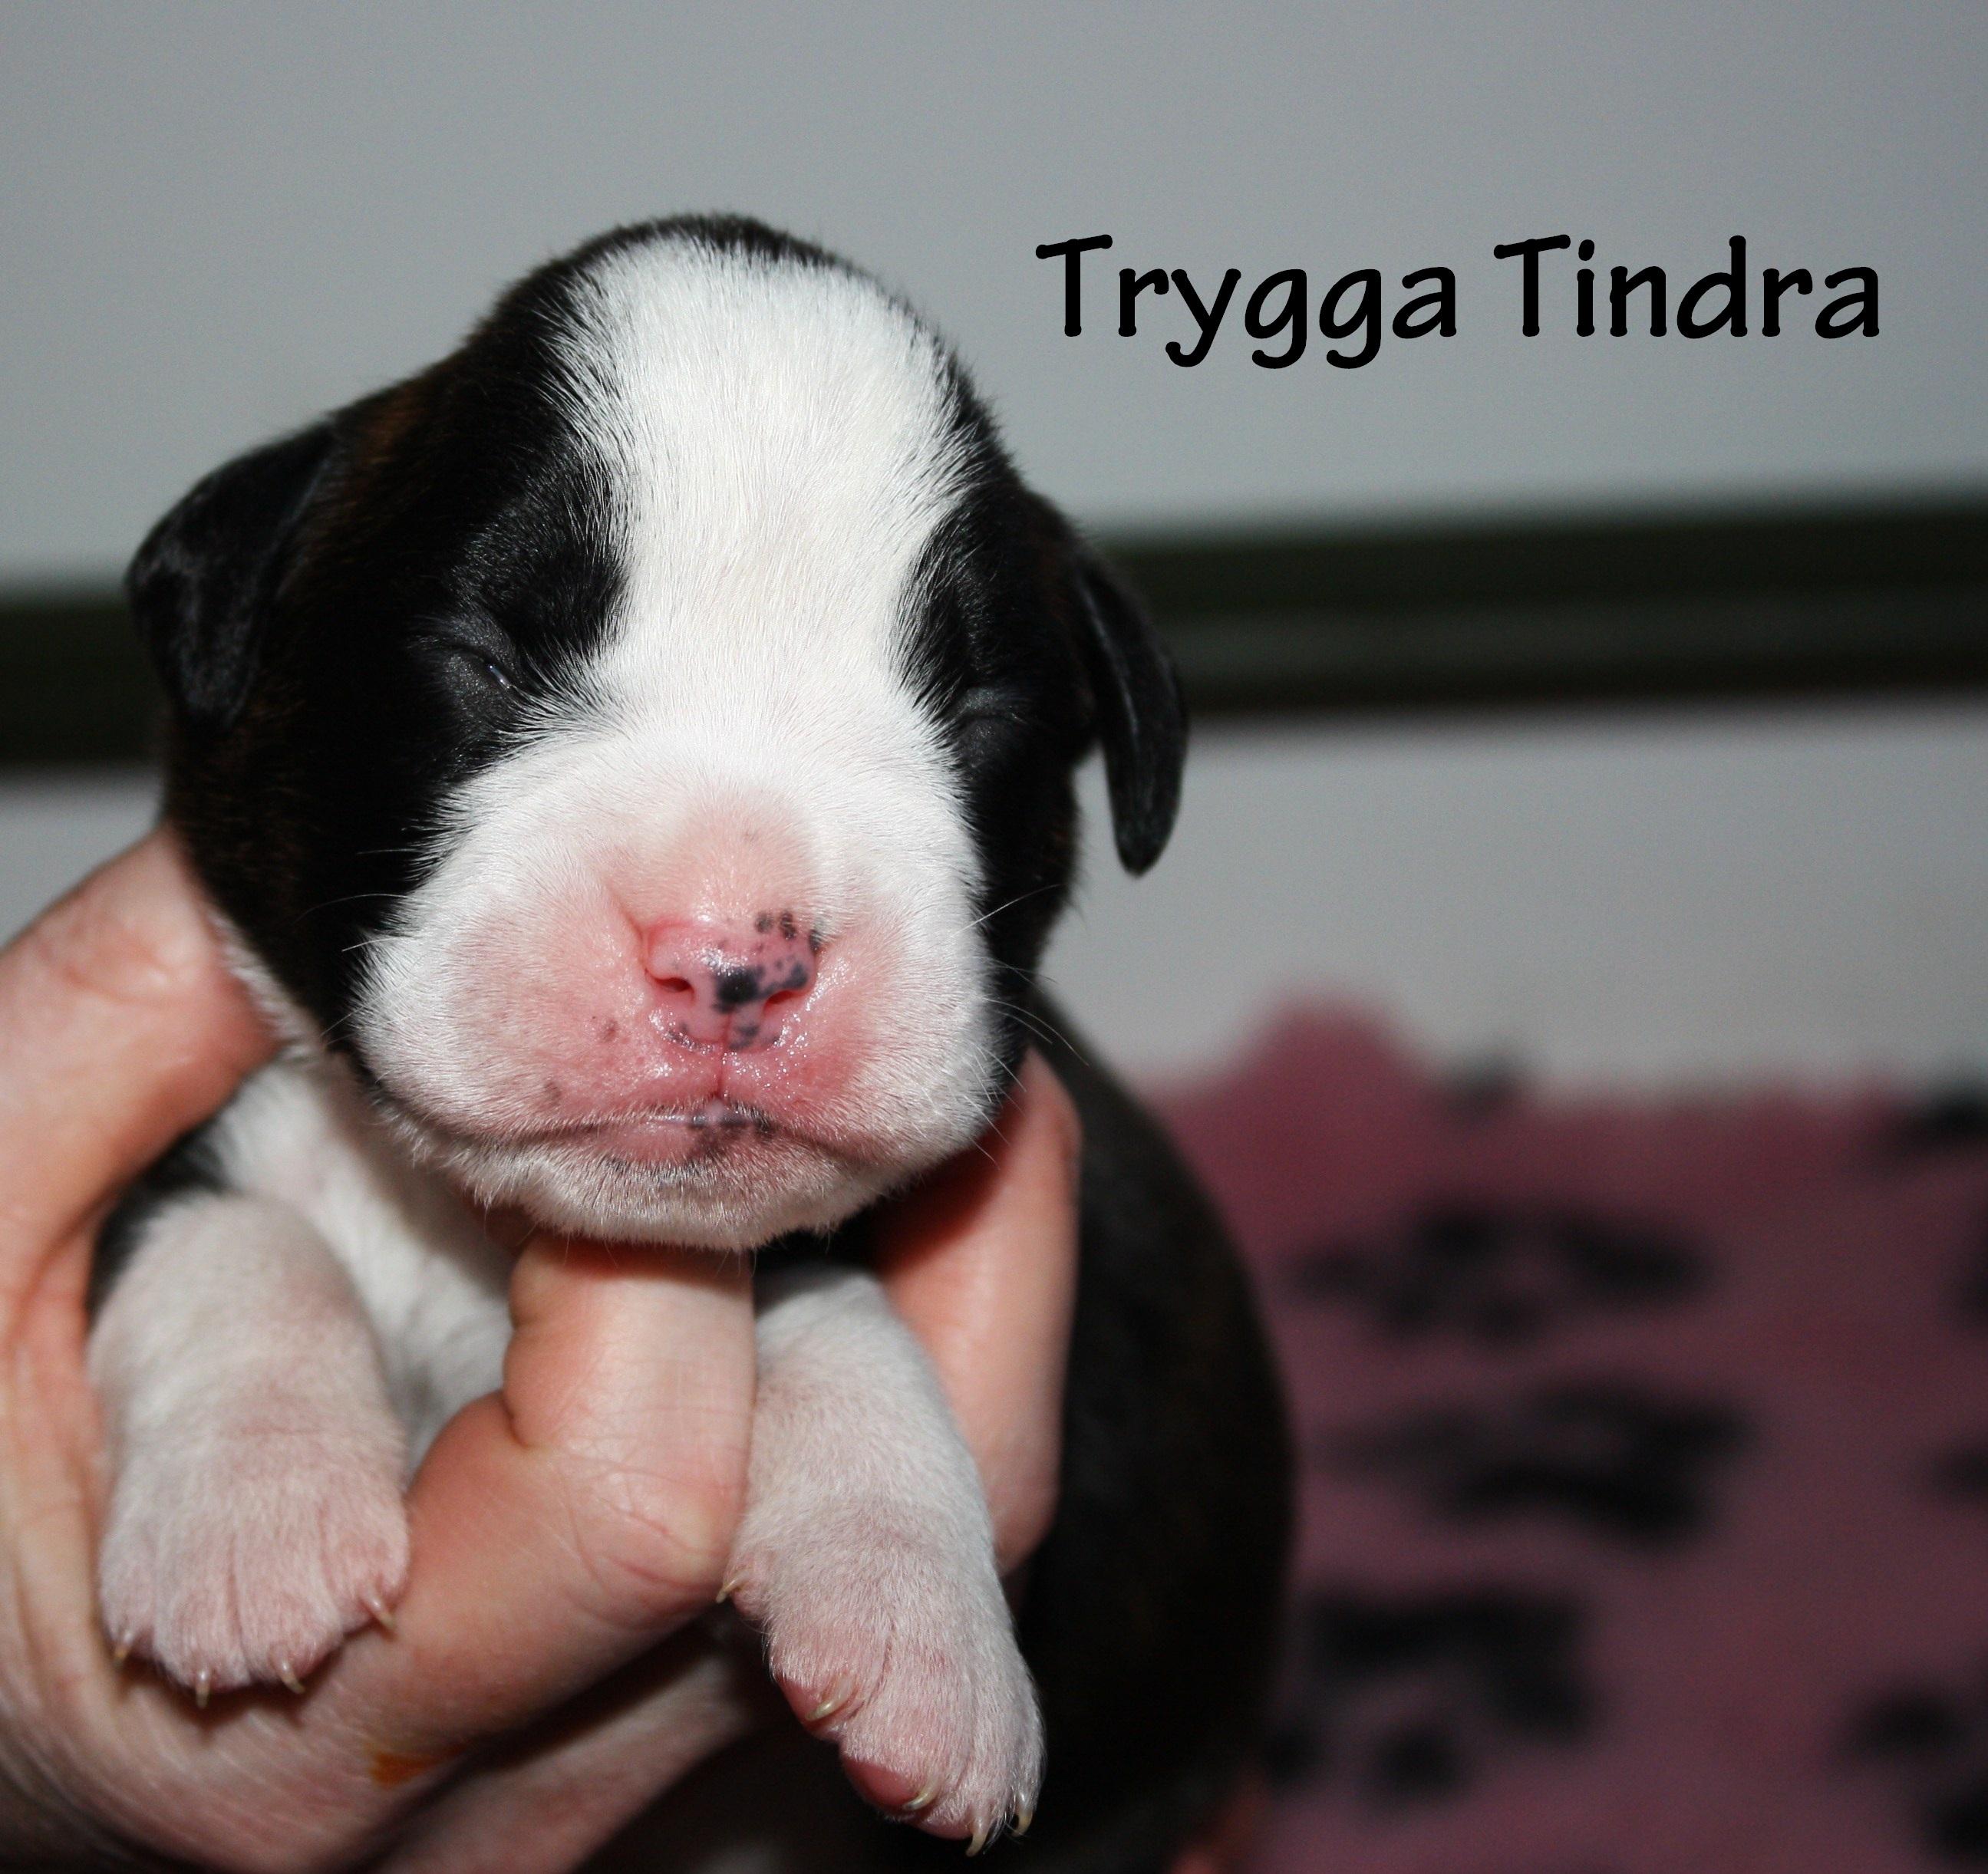 Trygga Tindra